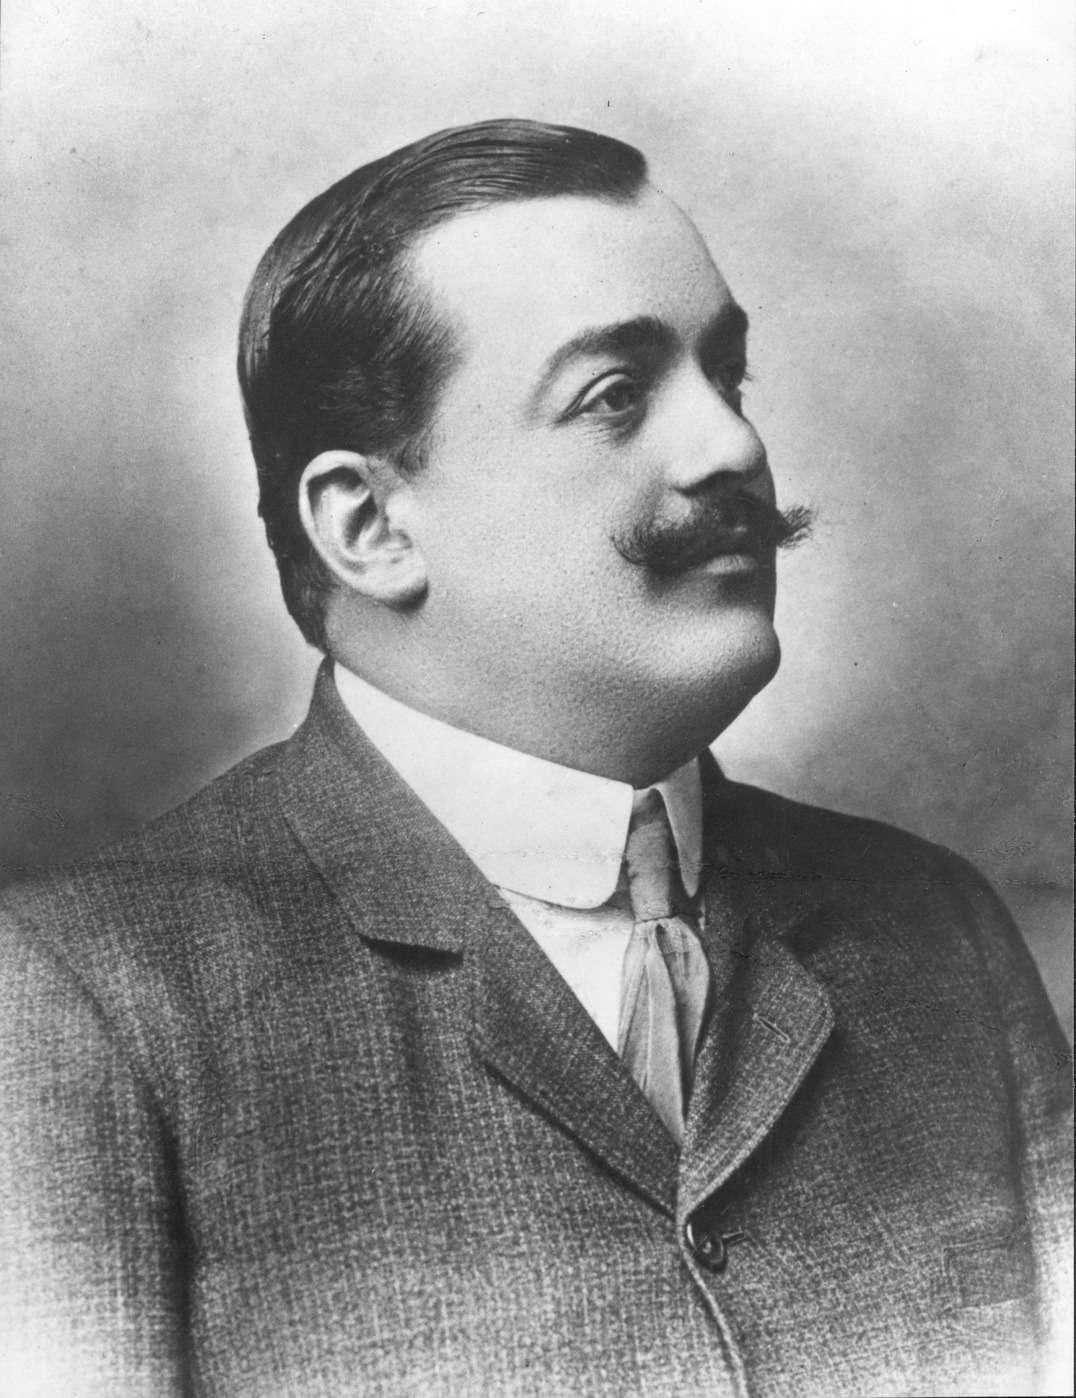 Преуспевающий автомобильный промышленник Винченцо Лянча (24.08.1881— 15.02.1937гг.)